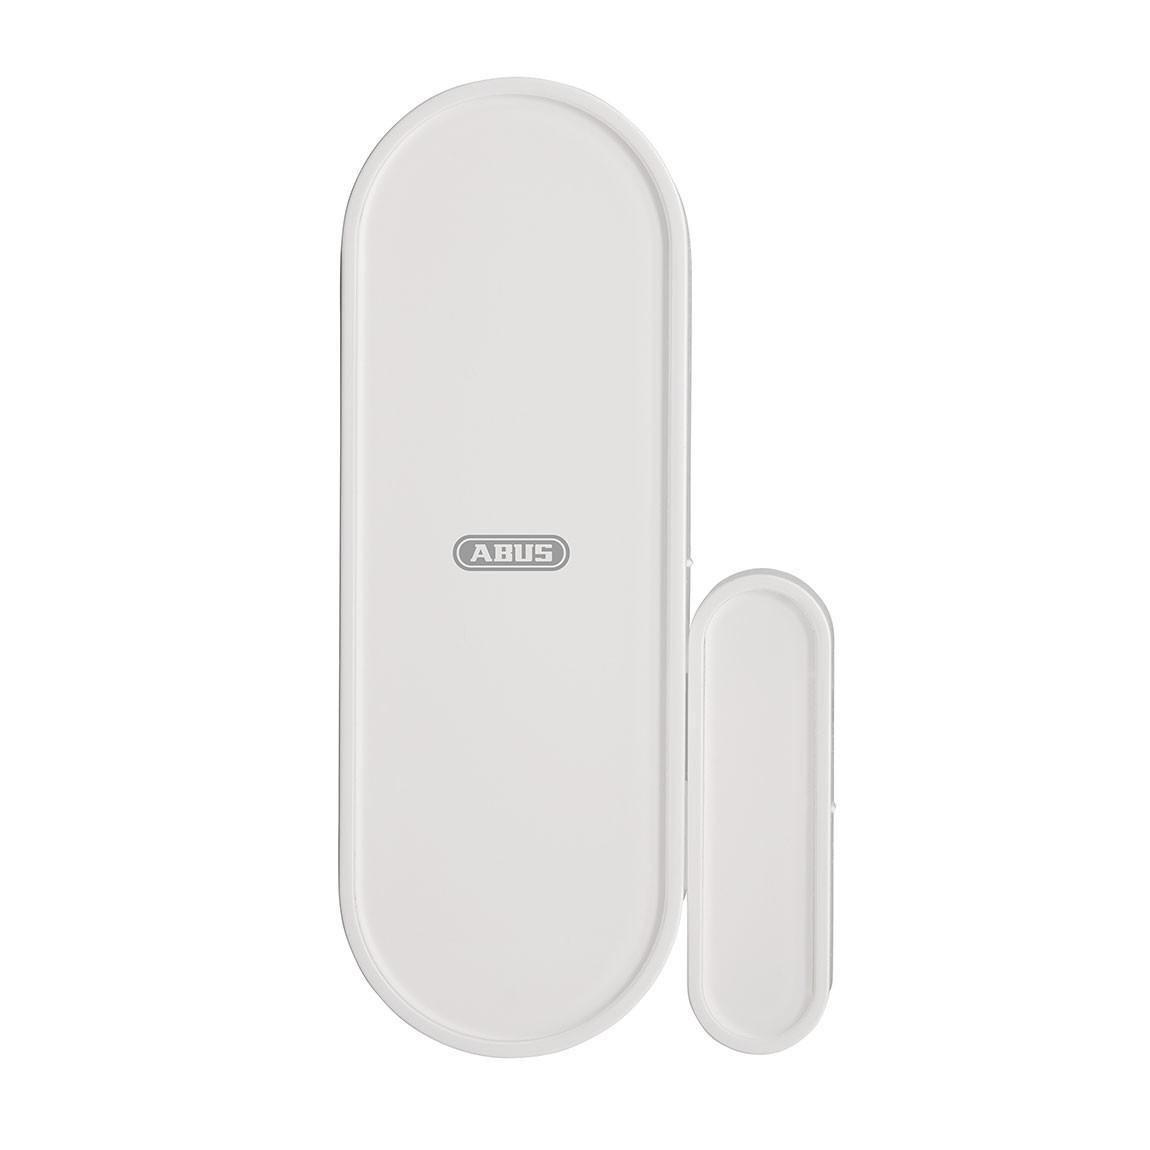 ABUS Z-Wave Tür-/ Fensterkontakt - Weiß